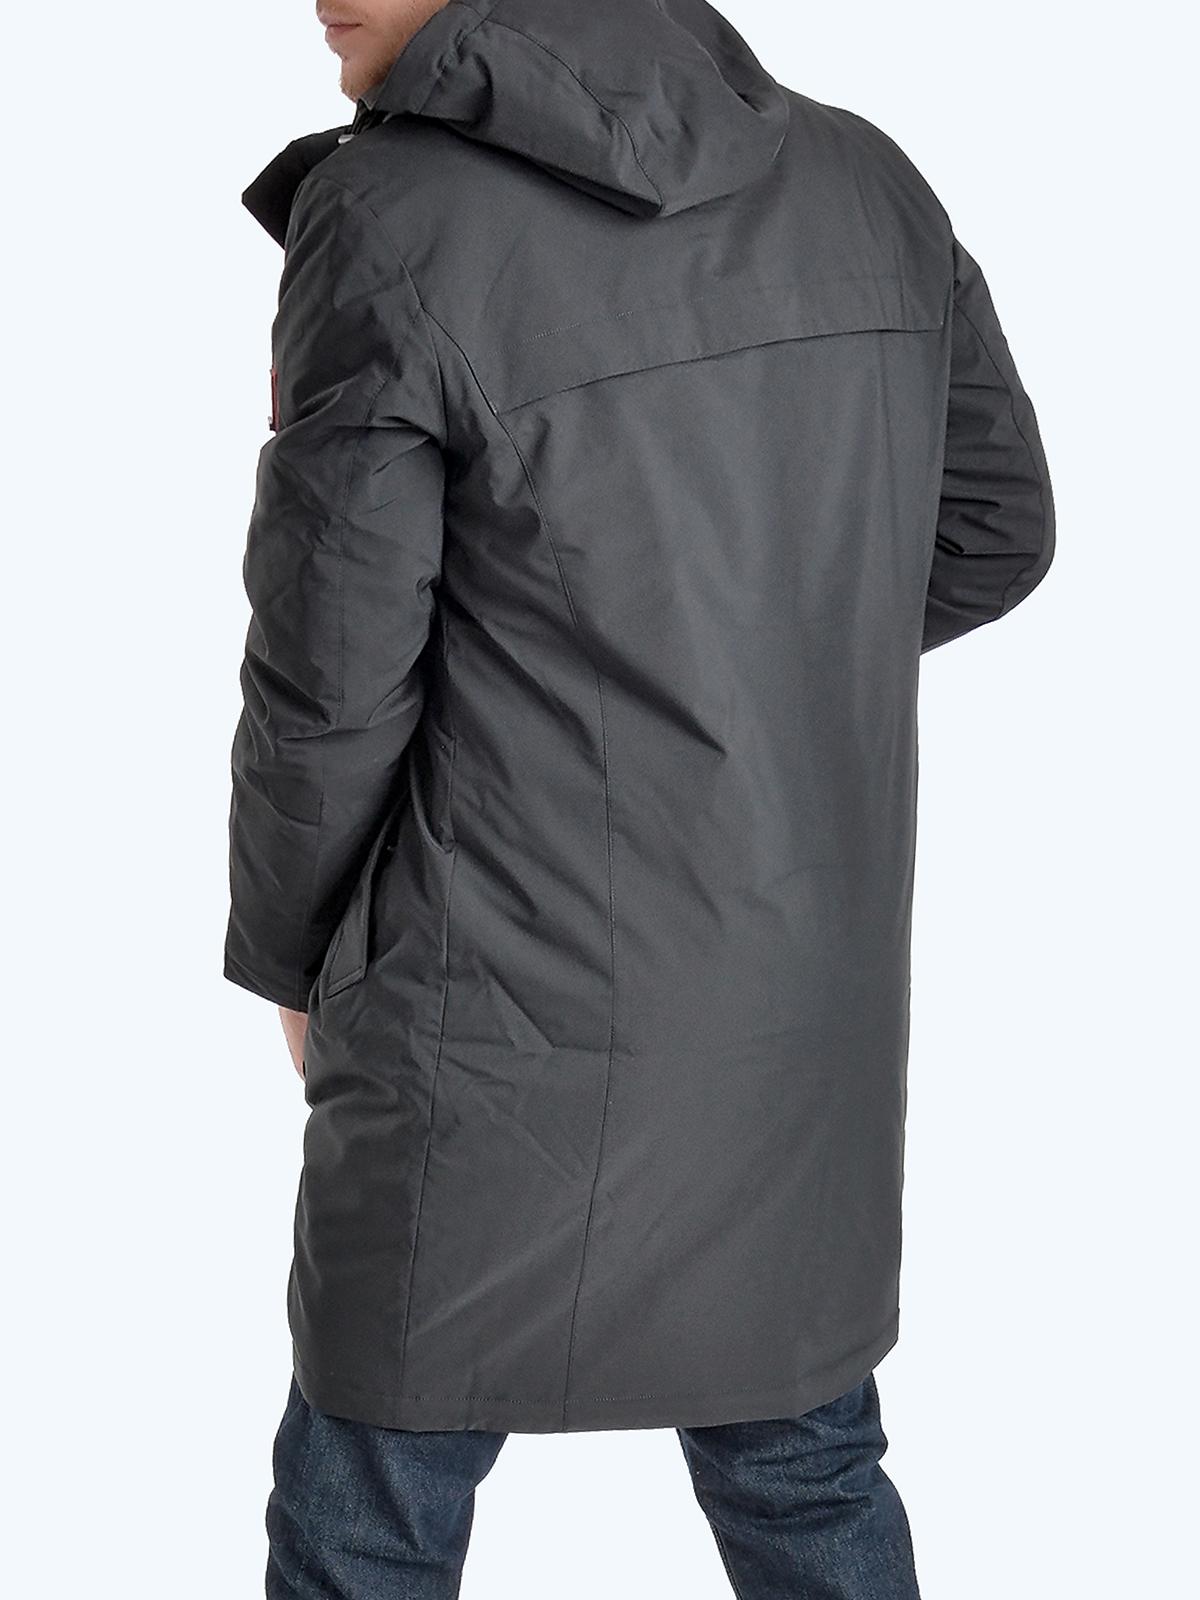 GRIZMAN Куртка 373086-025